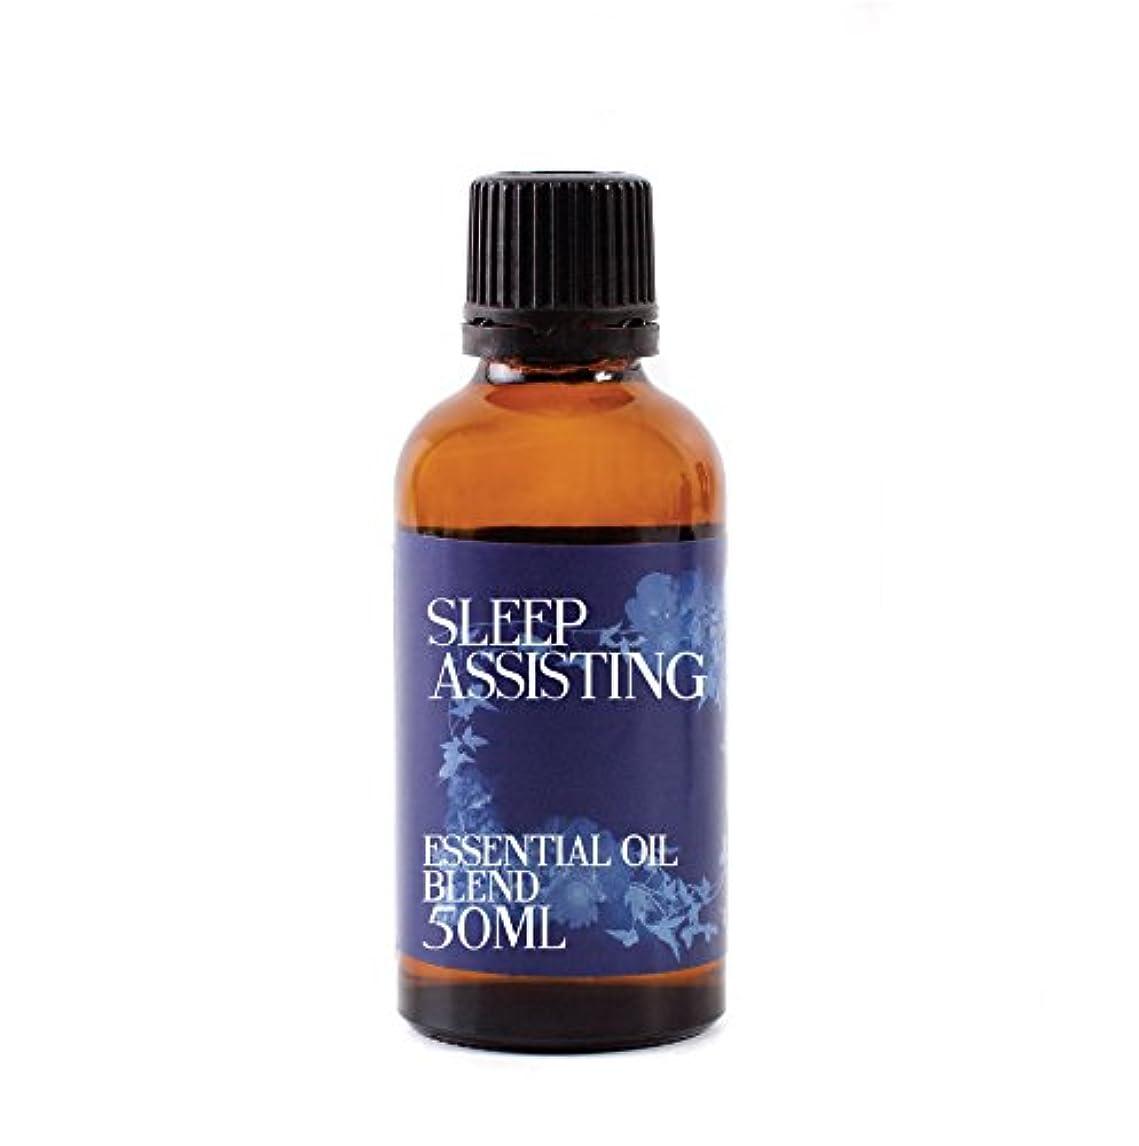 修士号アメリカカウントMystix London | Sleep Assisting Essential Oil Blend - 50ml - 100% Pure